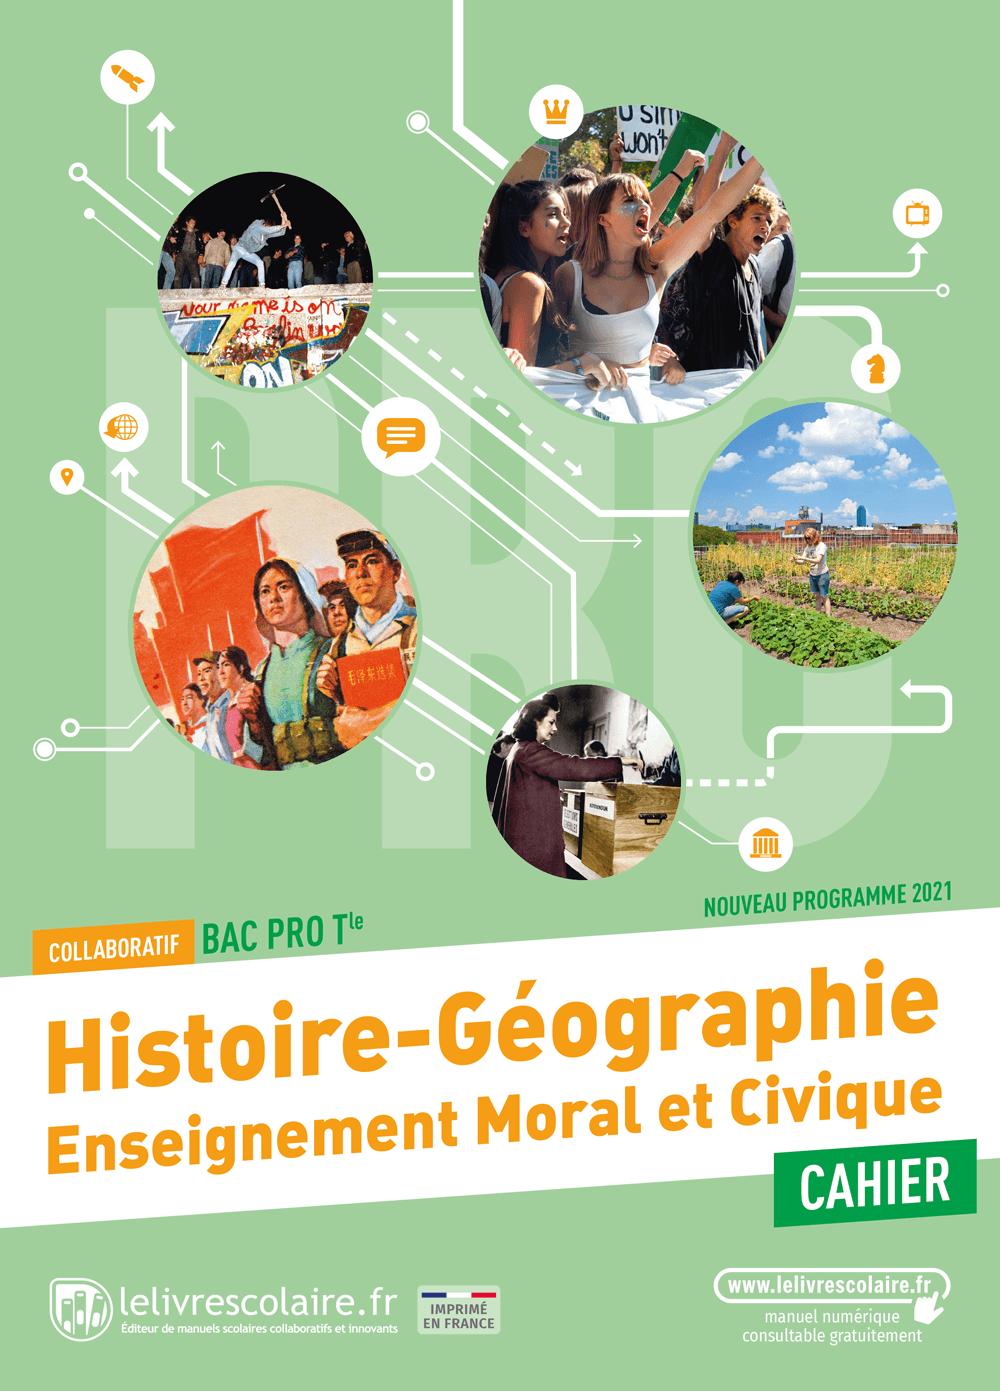 Couverture du manuel scolaire : Histoire-Géographie-EMC Terminale Bac Pro - Cahier